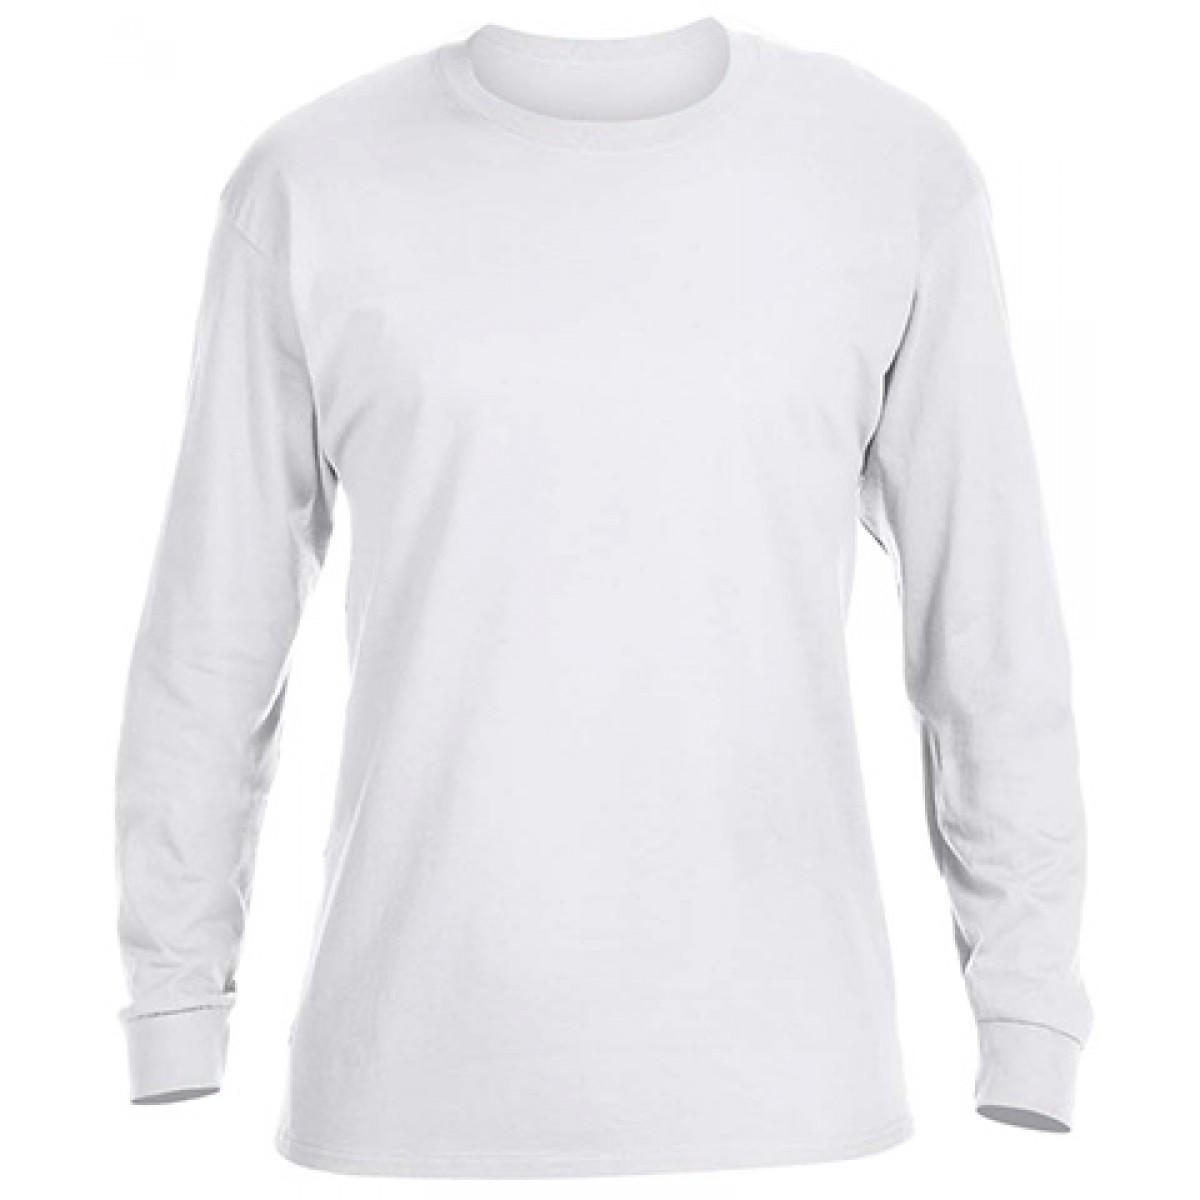 Basic Long Sleeve Crew Neck -White-XL